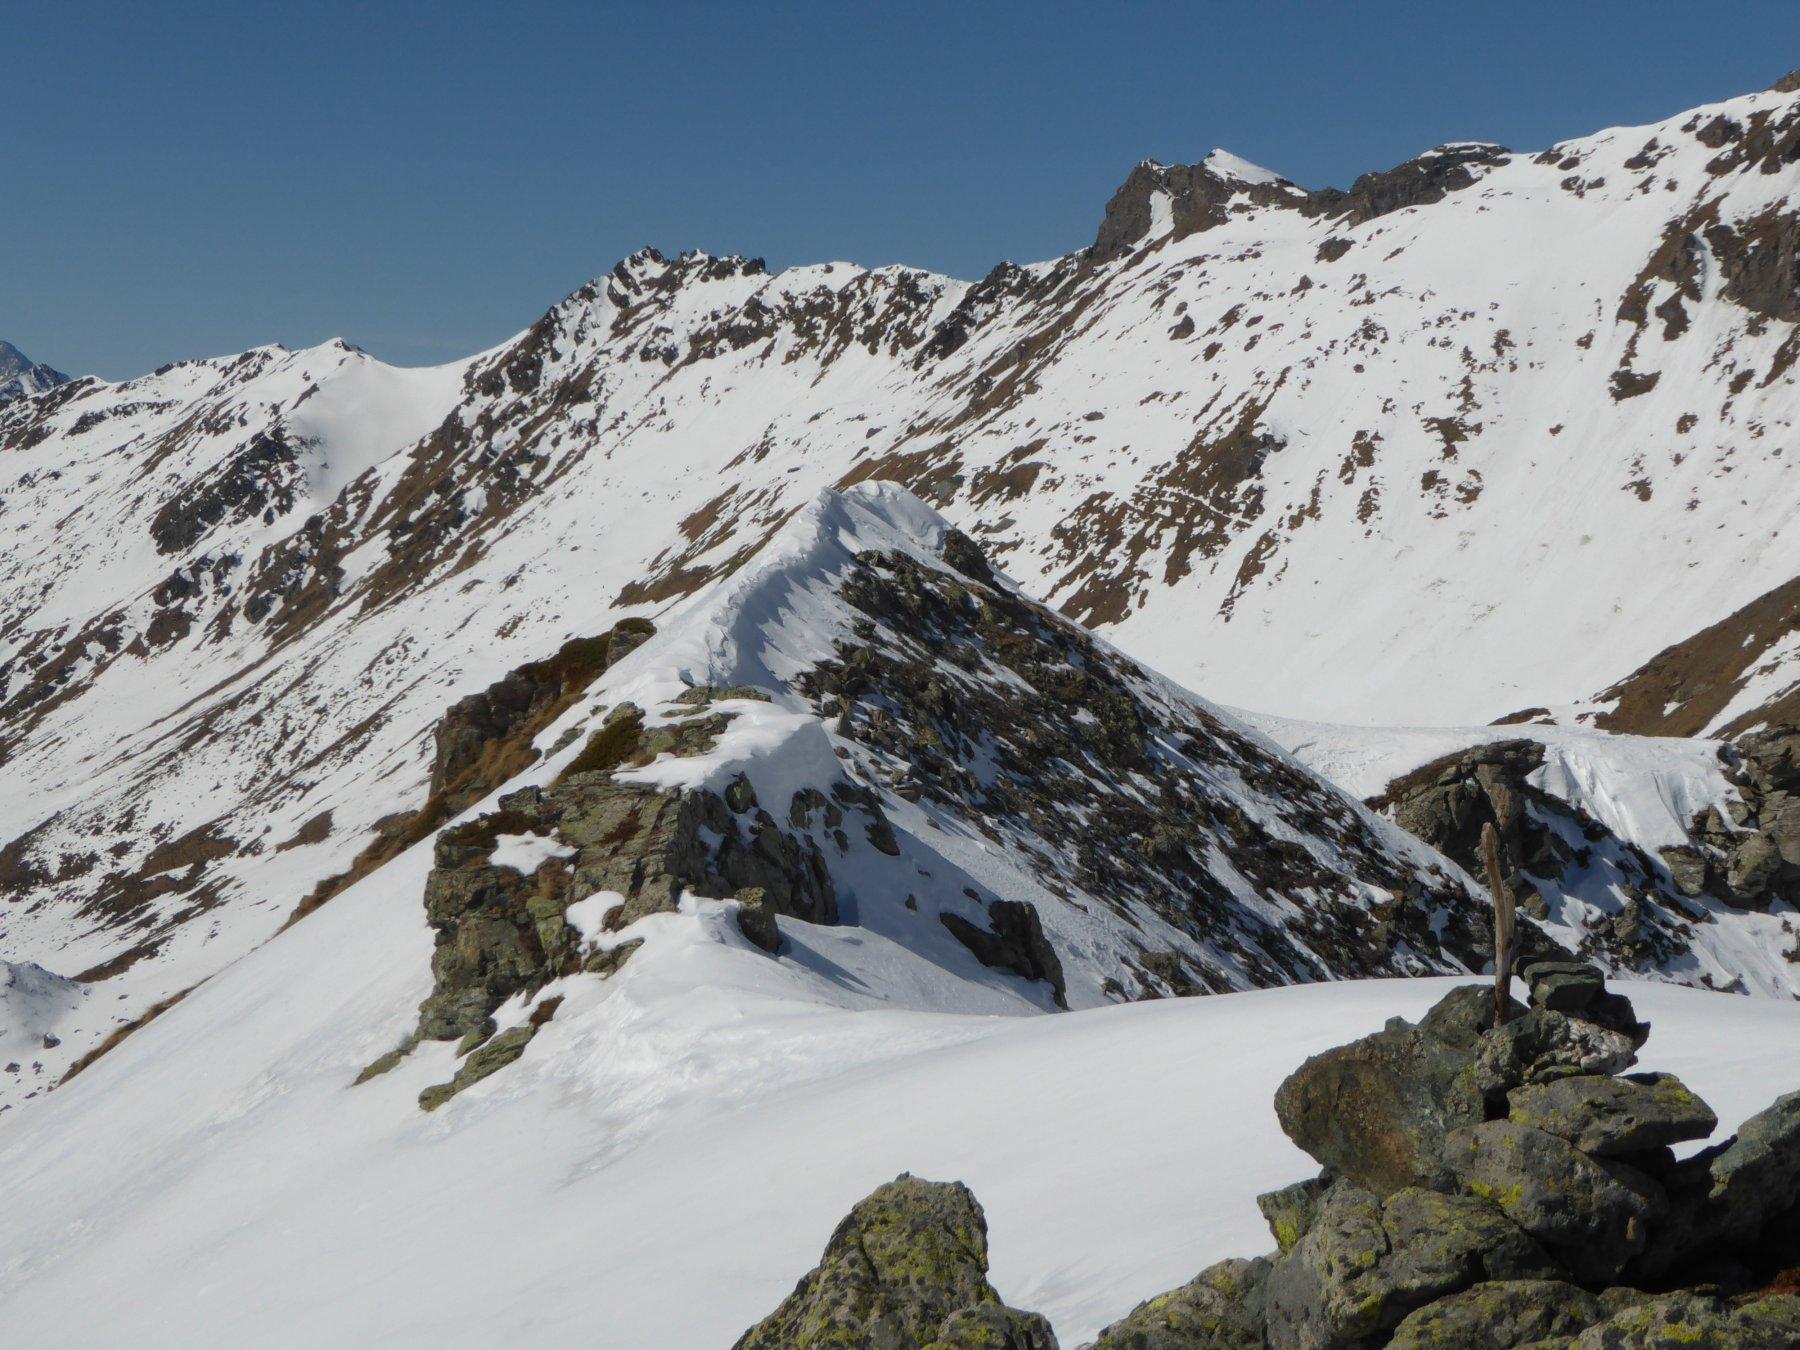 l'affilata cresta finale vista dalla cima